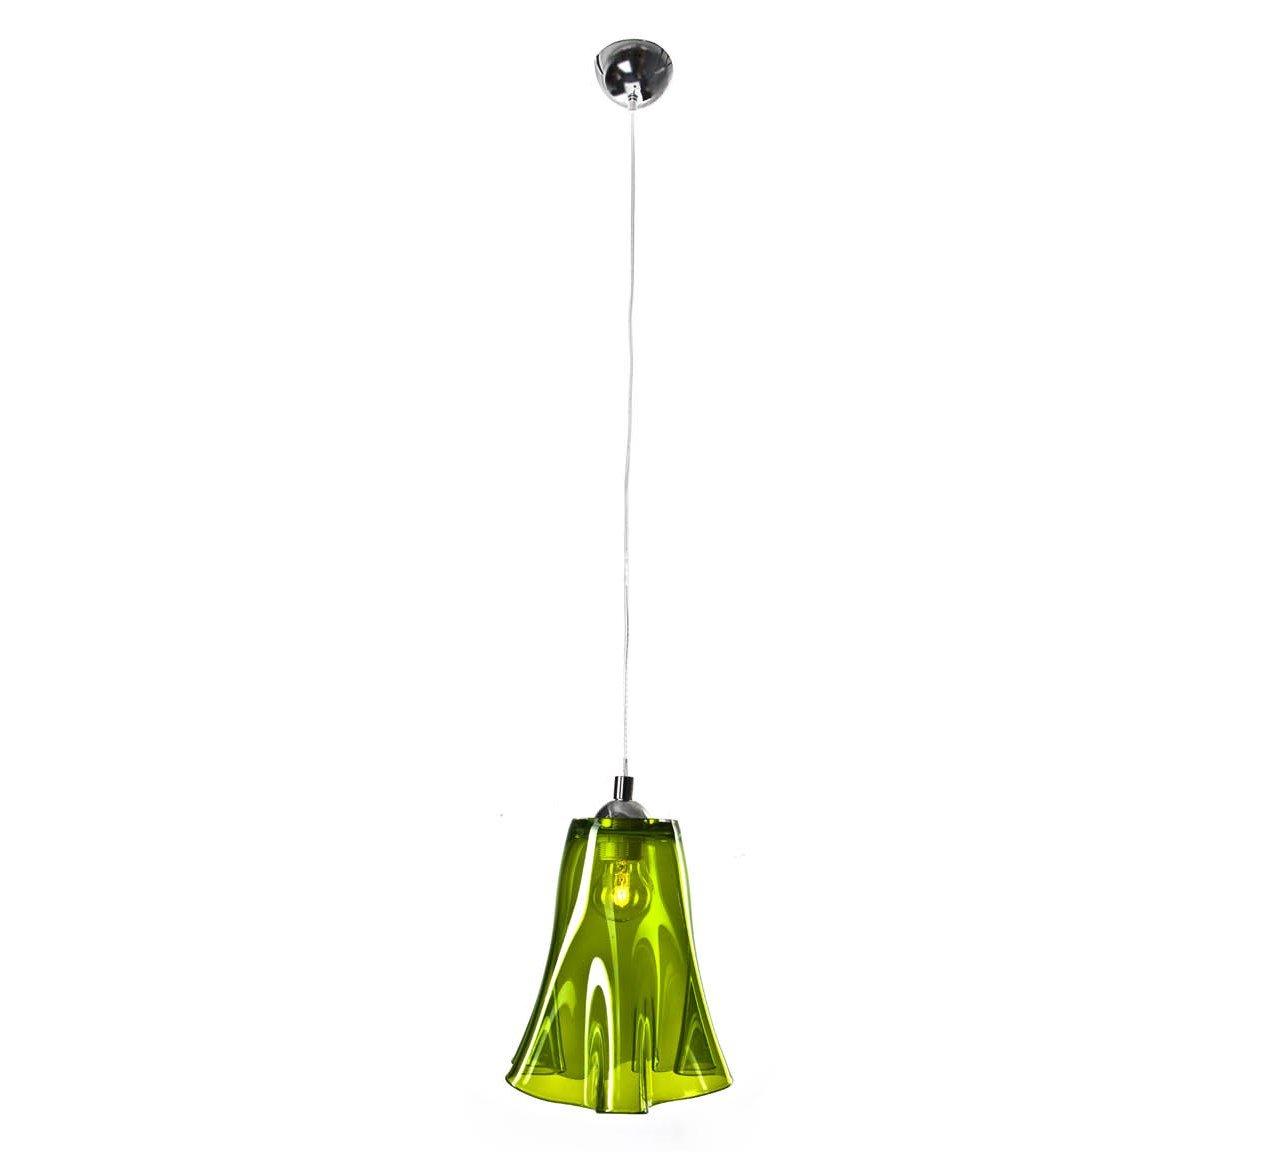 SIGNATURE HOME COLLECTION Deckenhängelampe mit gewelltem Glasschirm, Hängeleuchte, 21 x 21 x 30 cm, grün durchscheinend CO-122-ME